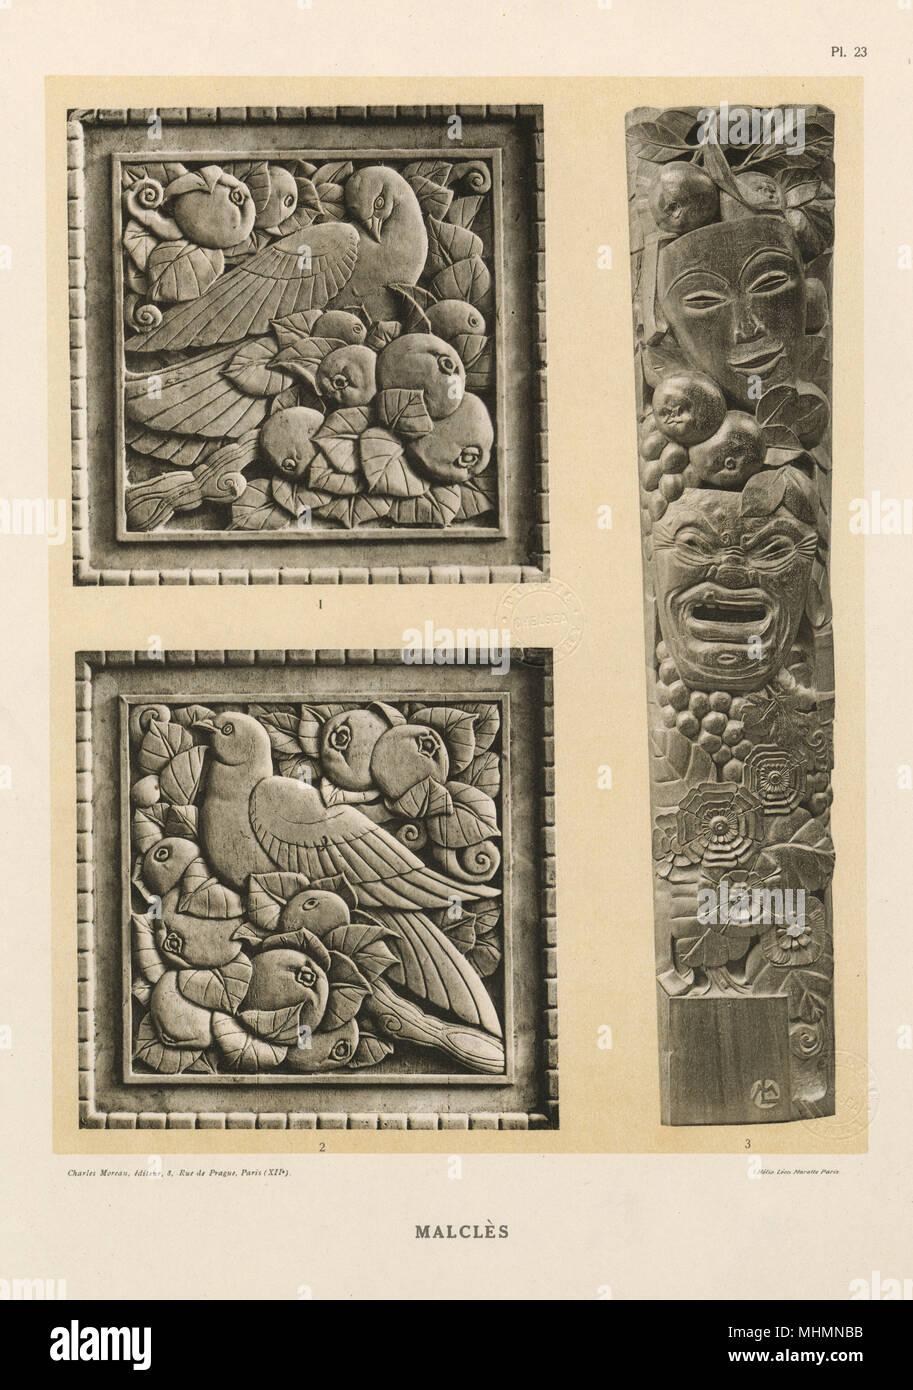 Bajorrelieve tallas de Laurent Malcles (fechas desconocidas) - dos paneles tallados de un salón comedor con pájaros en árboles frutales y un alto tallado de máscaras y fruta. Fecha: circa 1920 Imagen De Stock